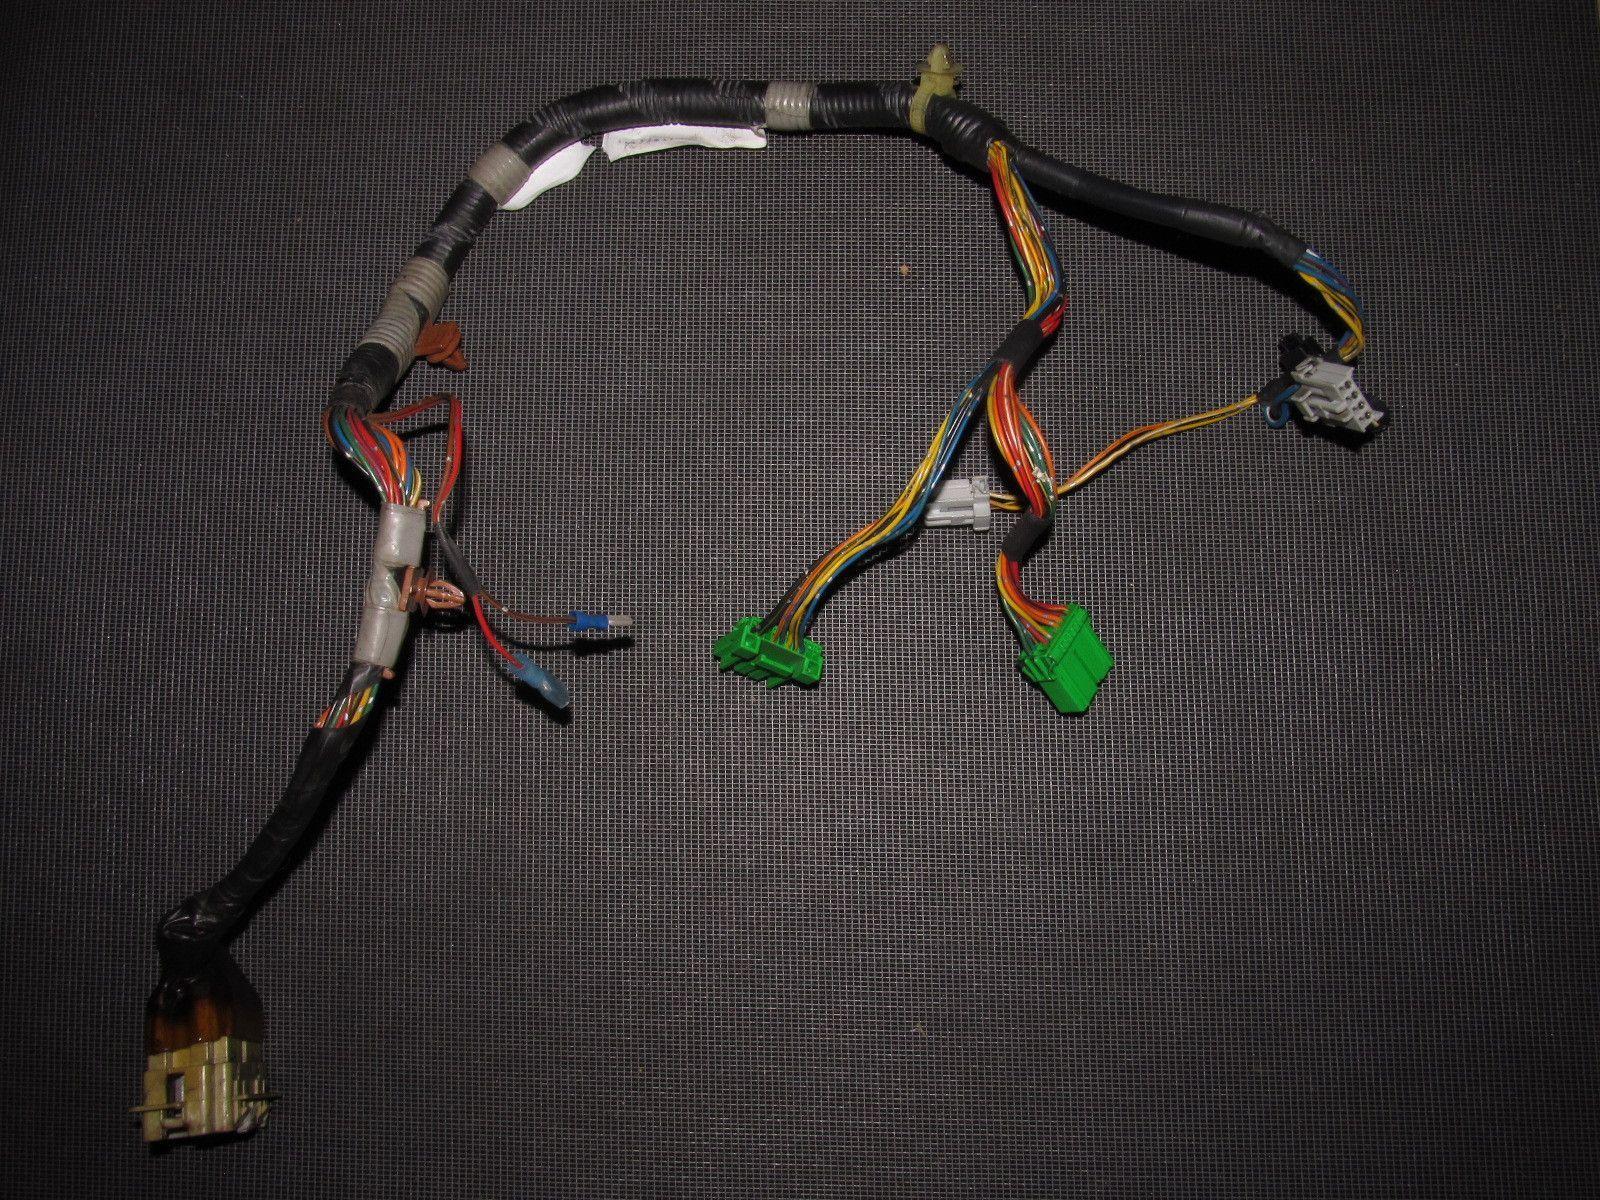 honda del sol oem door wiring harness left 93 94 95 96 97 honda del sol oem door wiring harness left